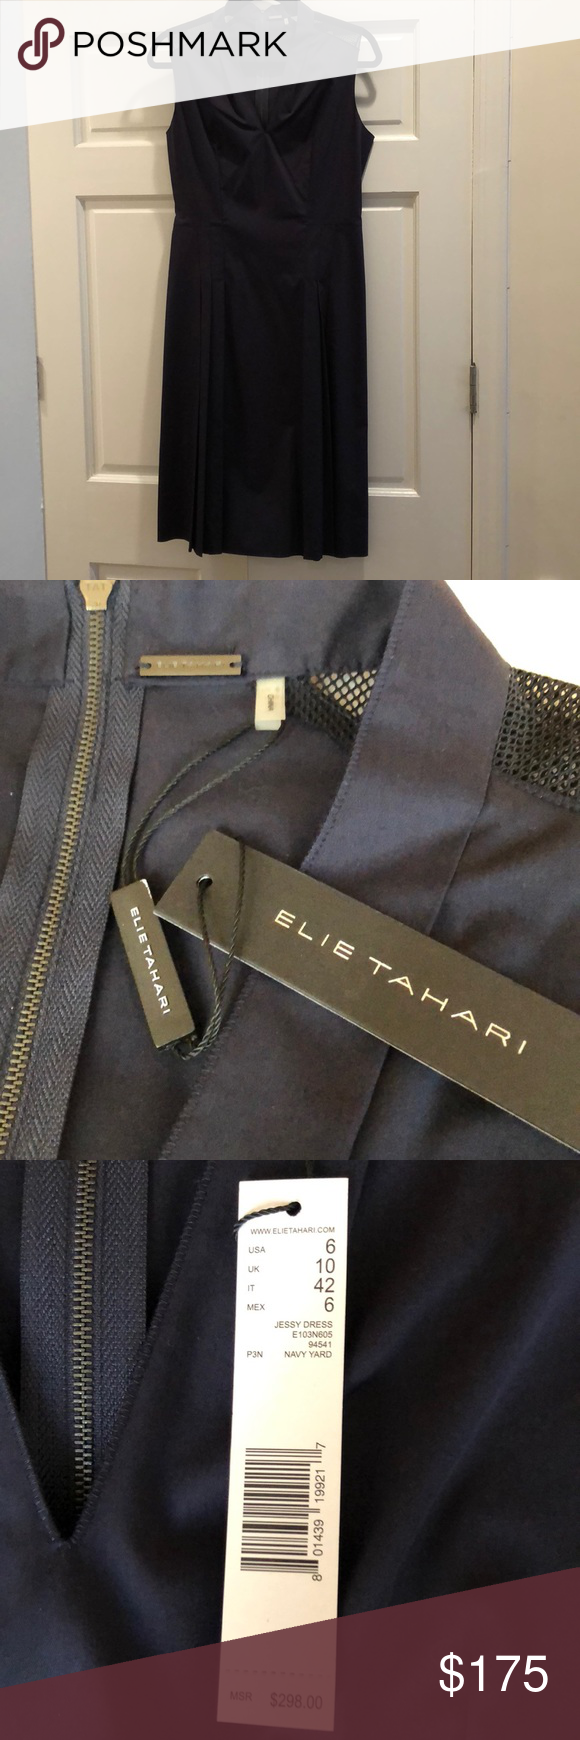 fb06348fbcde Eli's Tahari Dress. V-neck. Zippered back. 67% Cotton, 28% polyester, 5%  elastane. Elie Tahari Dresses